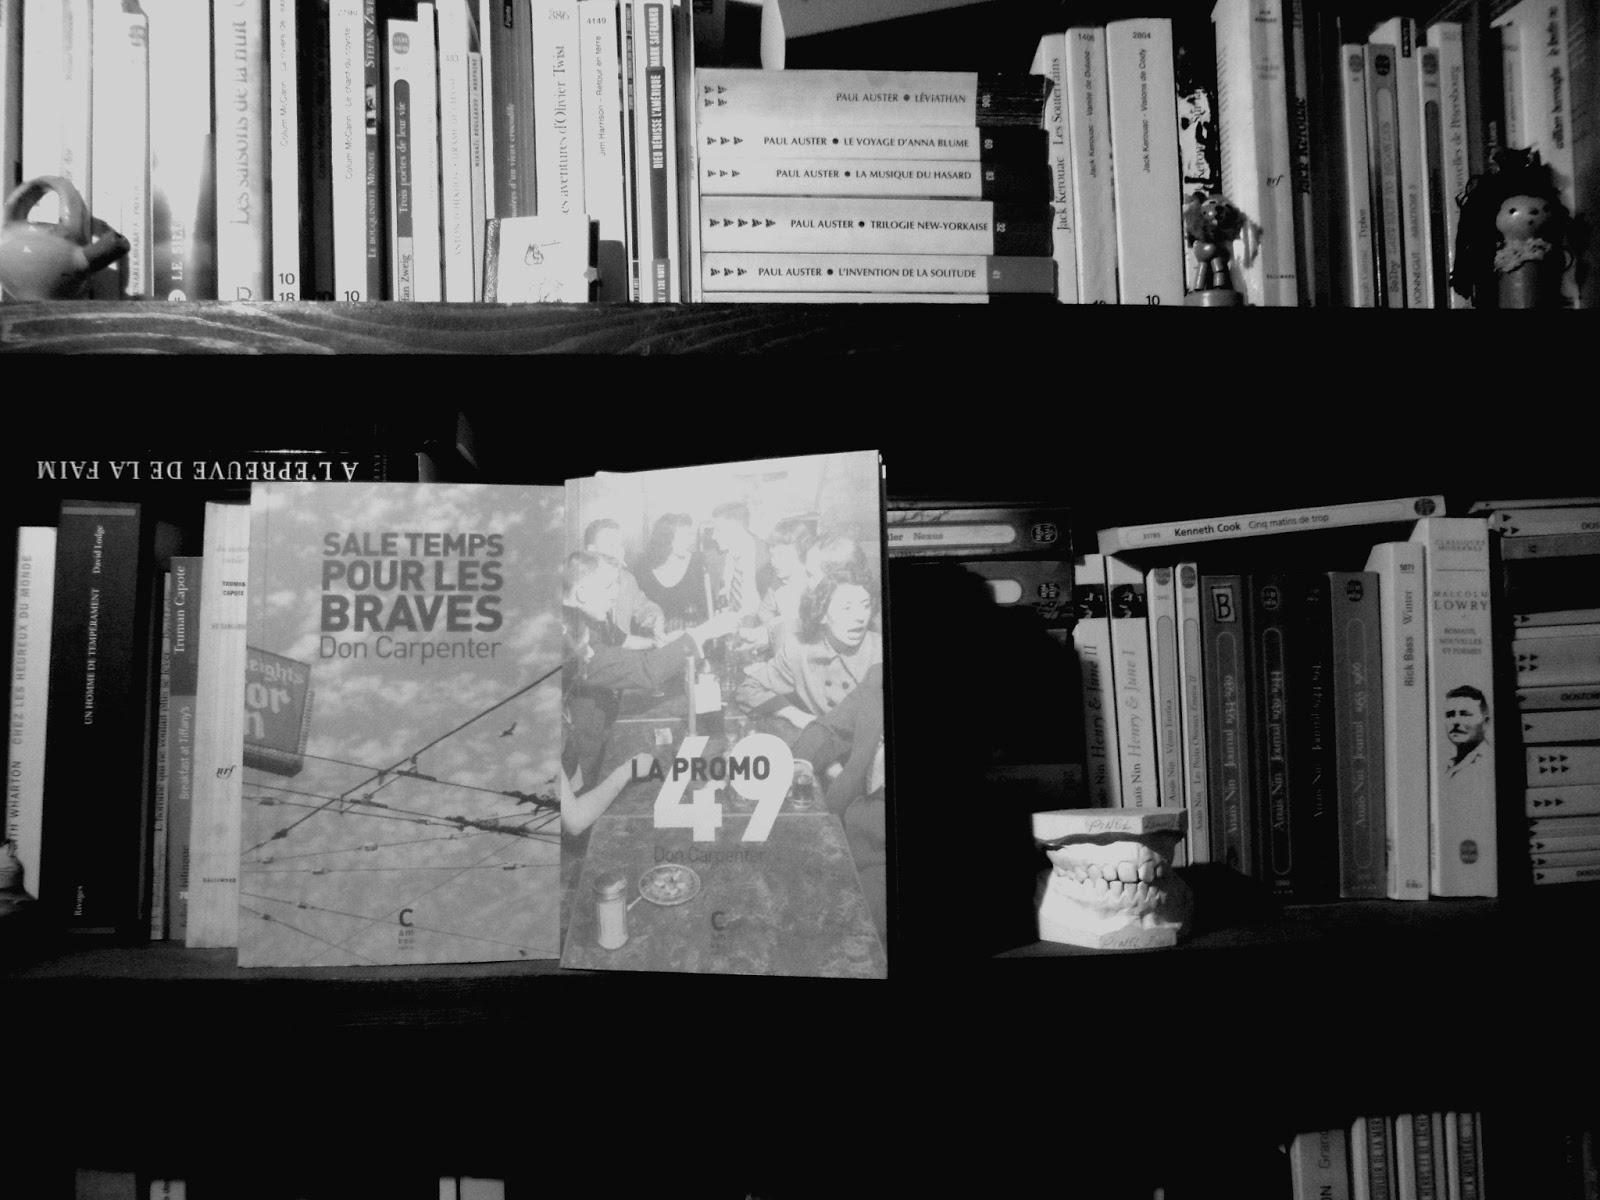 Des vies en clair obscur brossées finement par Don Carpenter - Livres | Jusqu'à présent inédit en France, «Clair obscur» est dans la droite lignée de «Sale temps pour les braves», le livre le plus fameux de Don Carpenter. En Californie et dans ses environs, petits mafieux et désaxés se croisent à l'adolescence, se perdent de vue après un drame qui va bouleverser leurs existences et se retrouvent des années plus tard. Et…